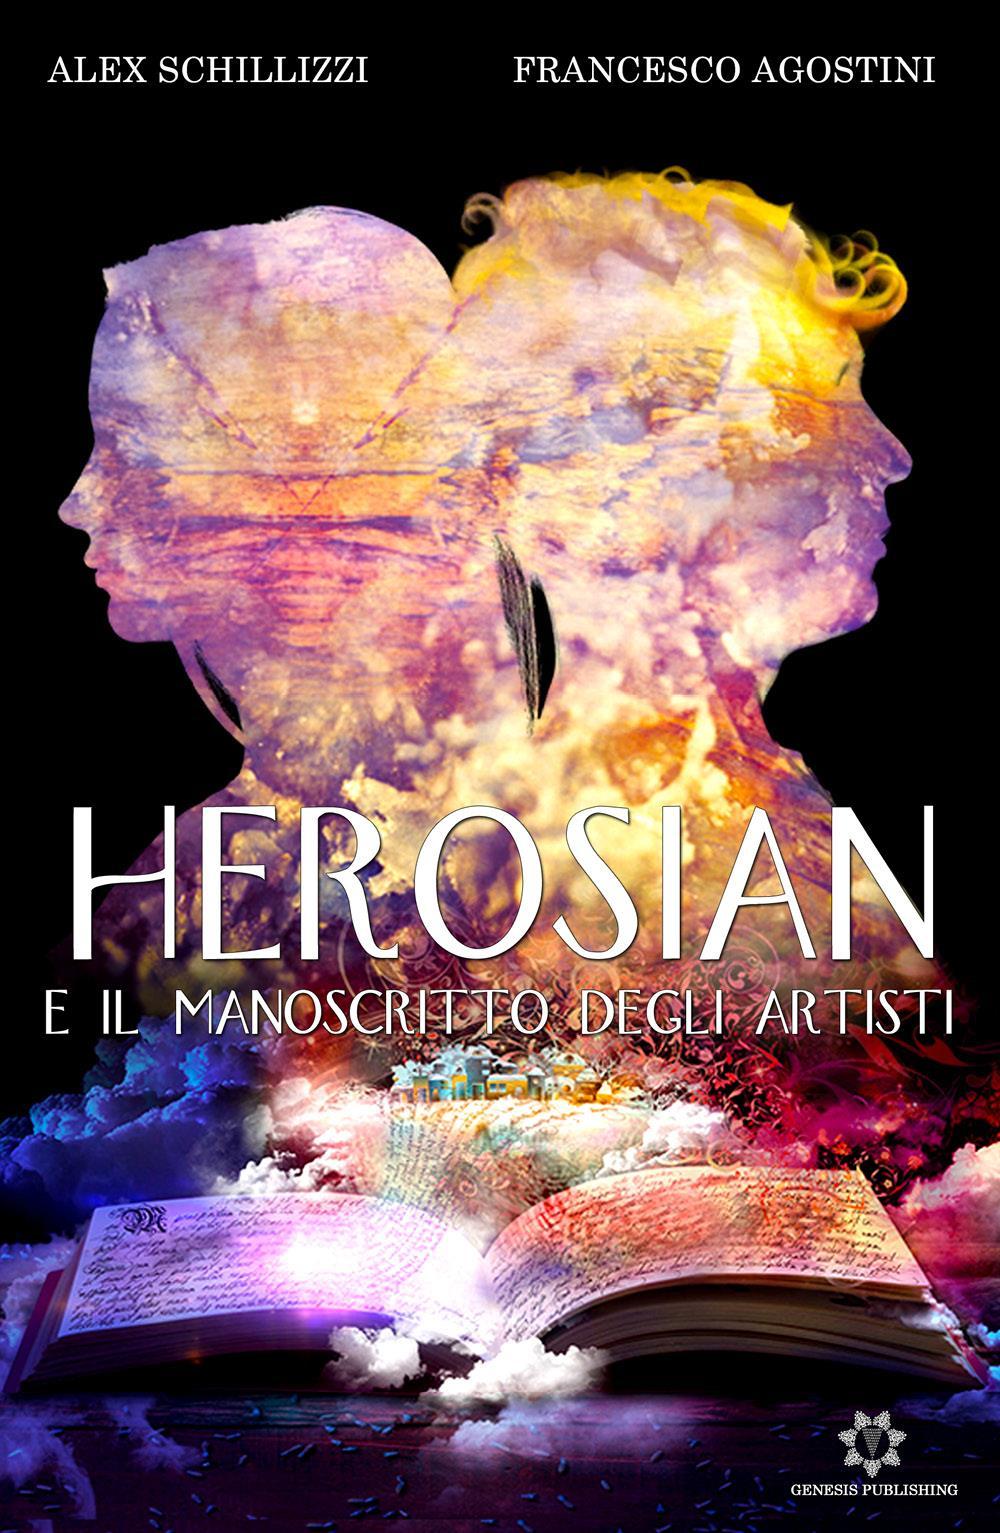 Herosian e il Manoscritto degli Artisti